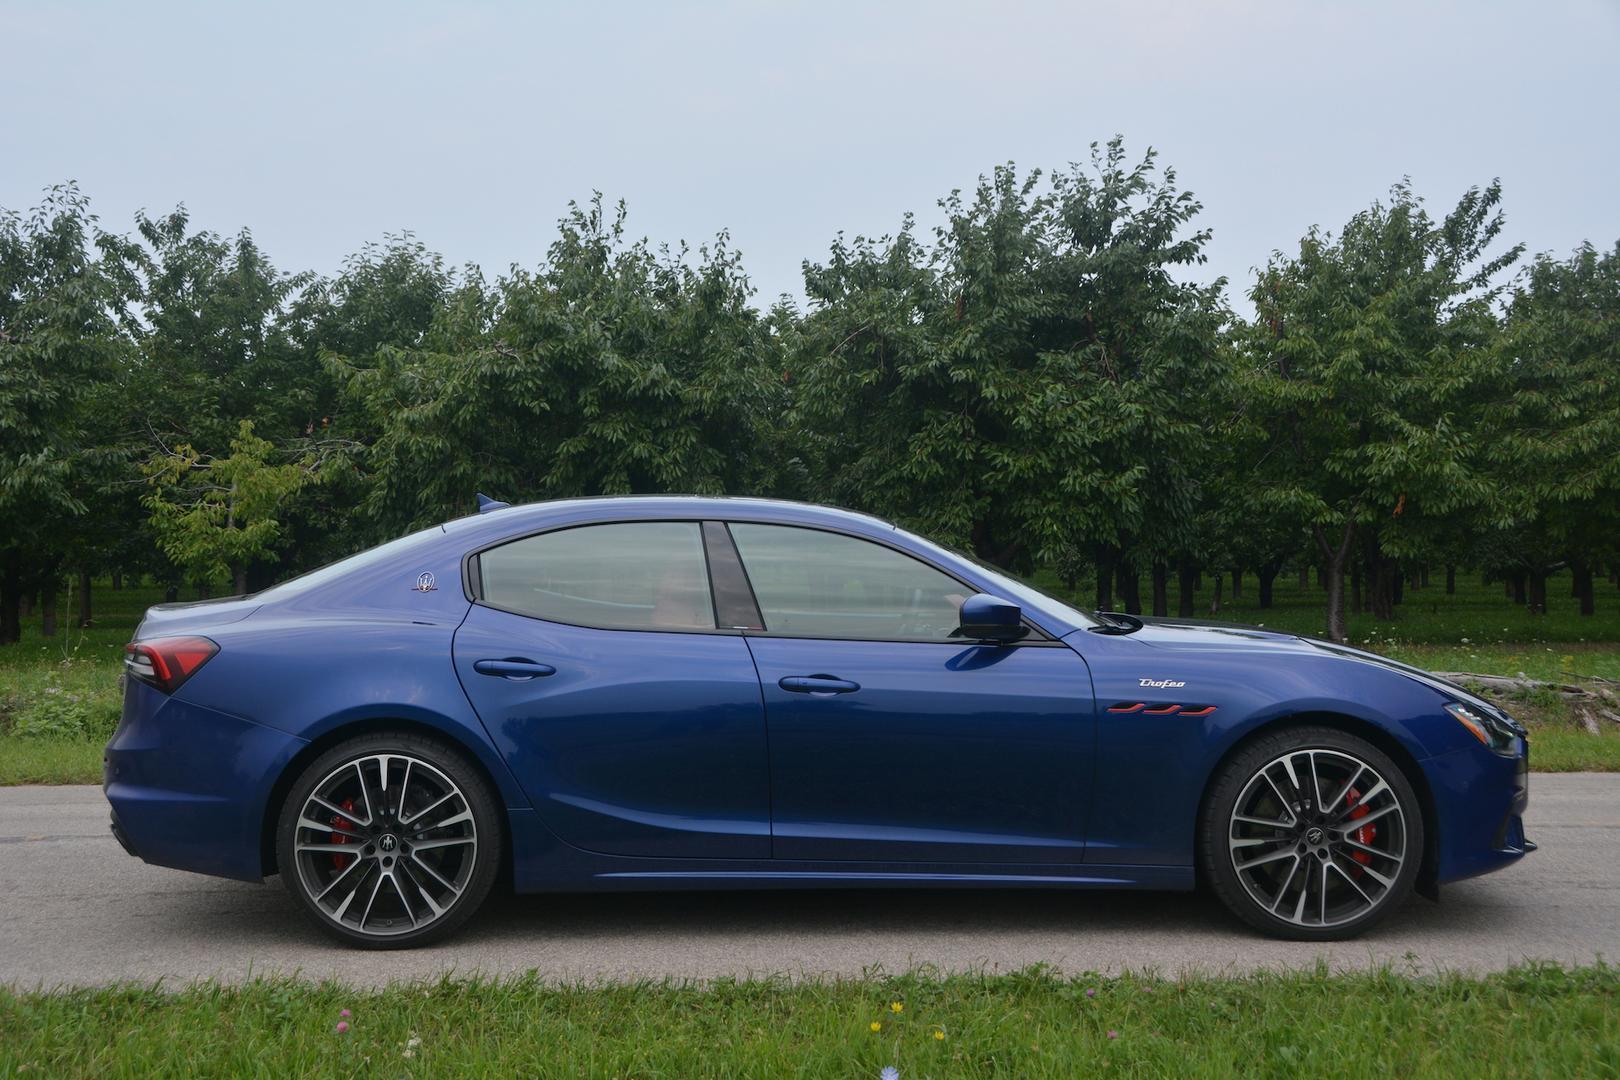 Maserati Ghibli Trofeo 4 doors